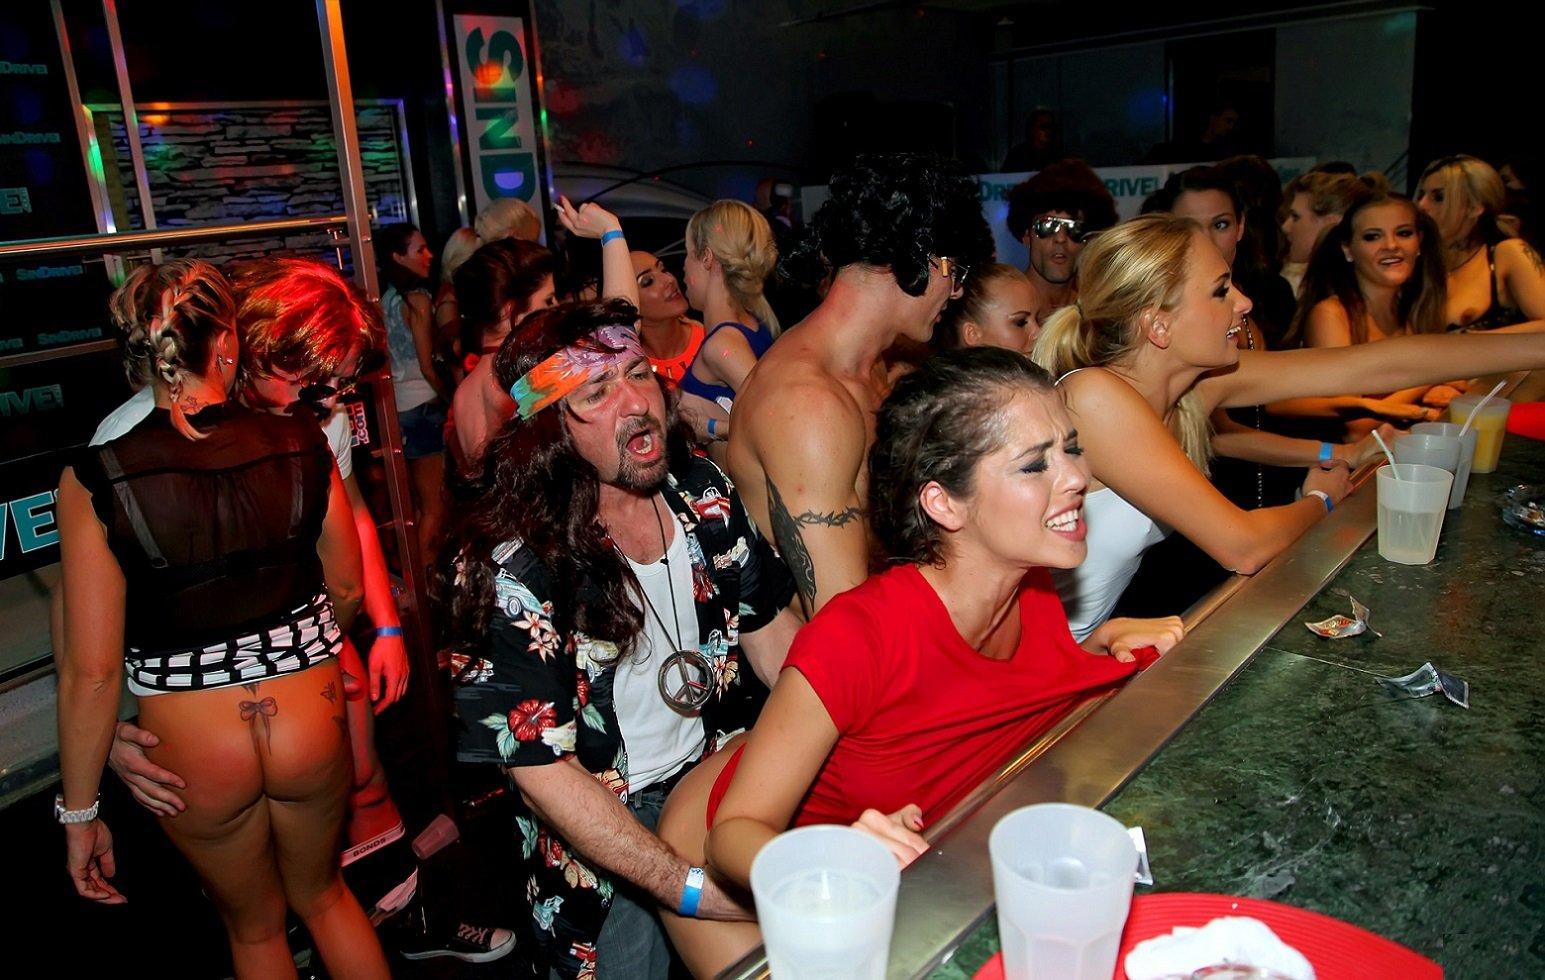 распух вечеринки с развратными женщинами подговорили